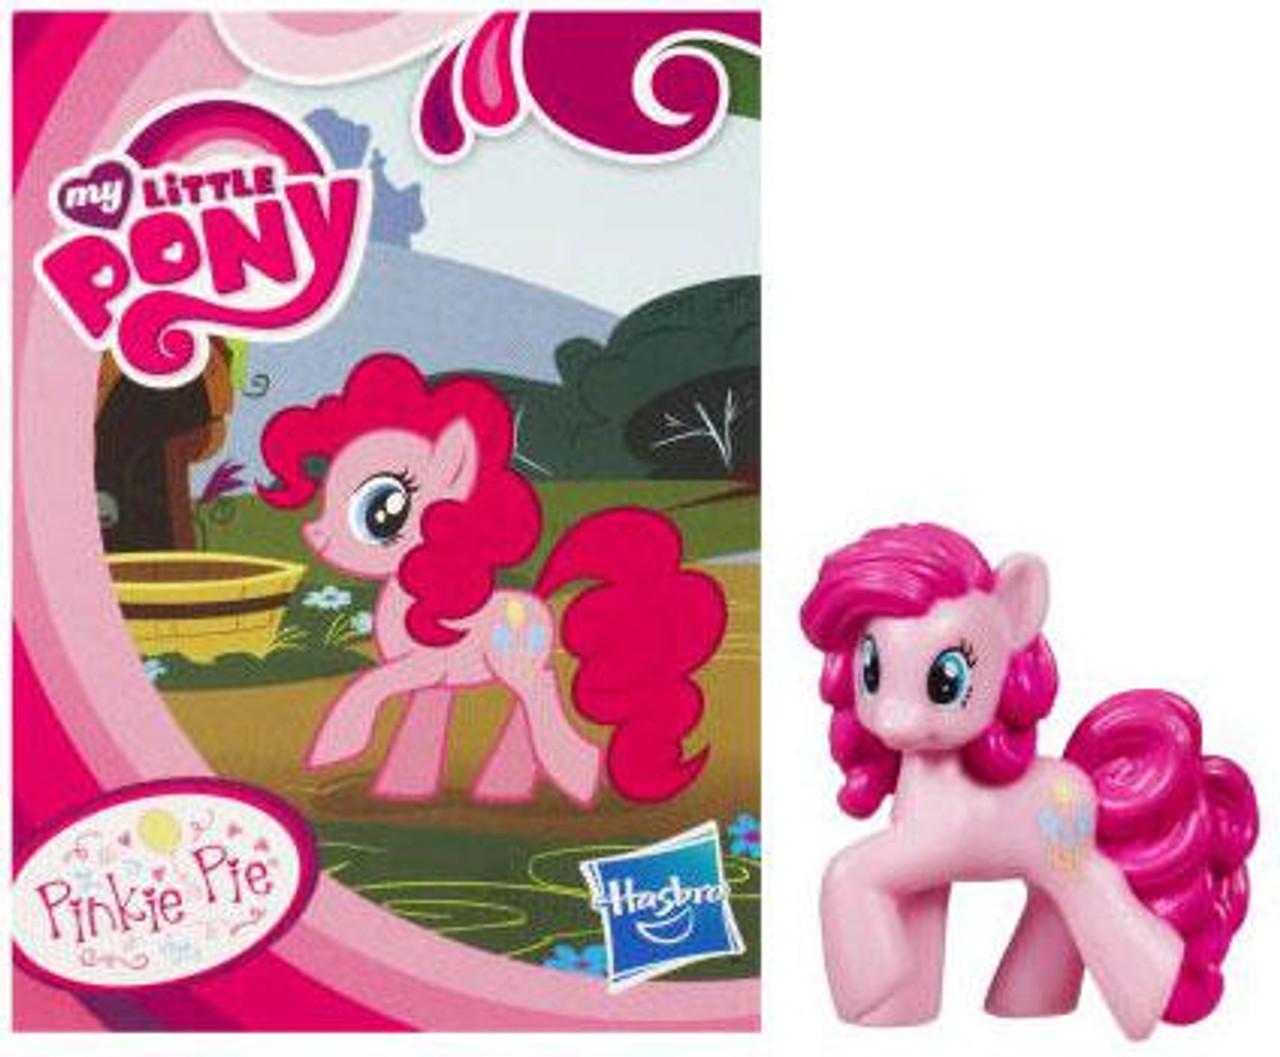 My Little Pony Pinkie Pie 2-Inch PVC Figure